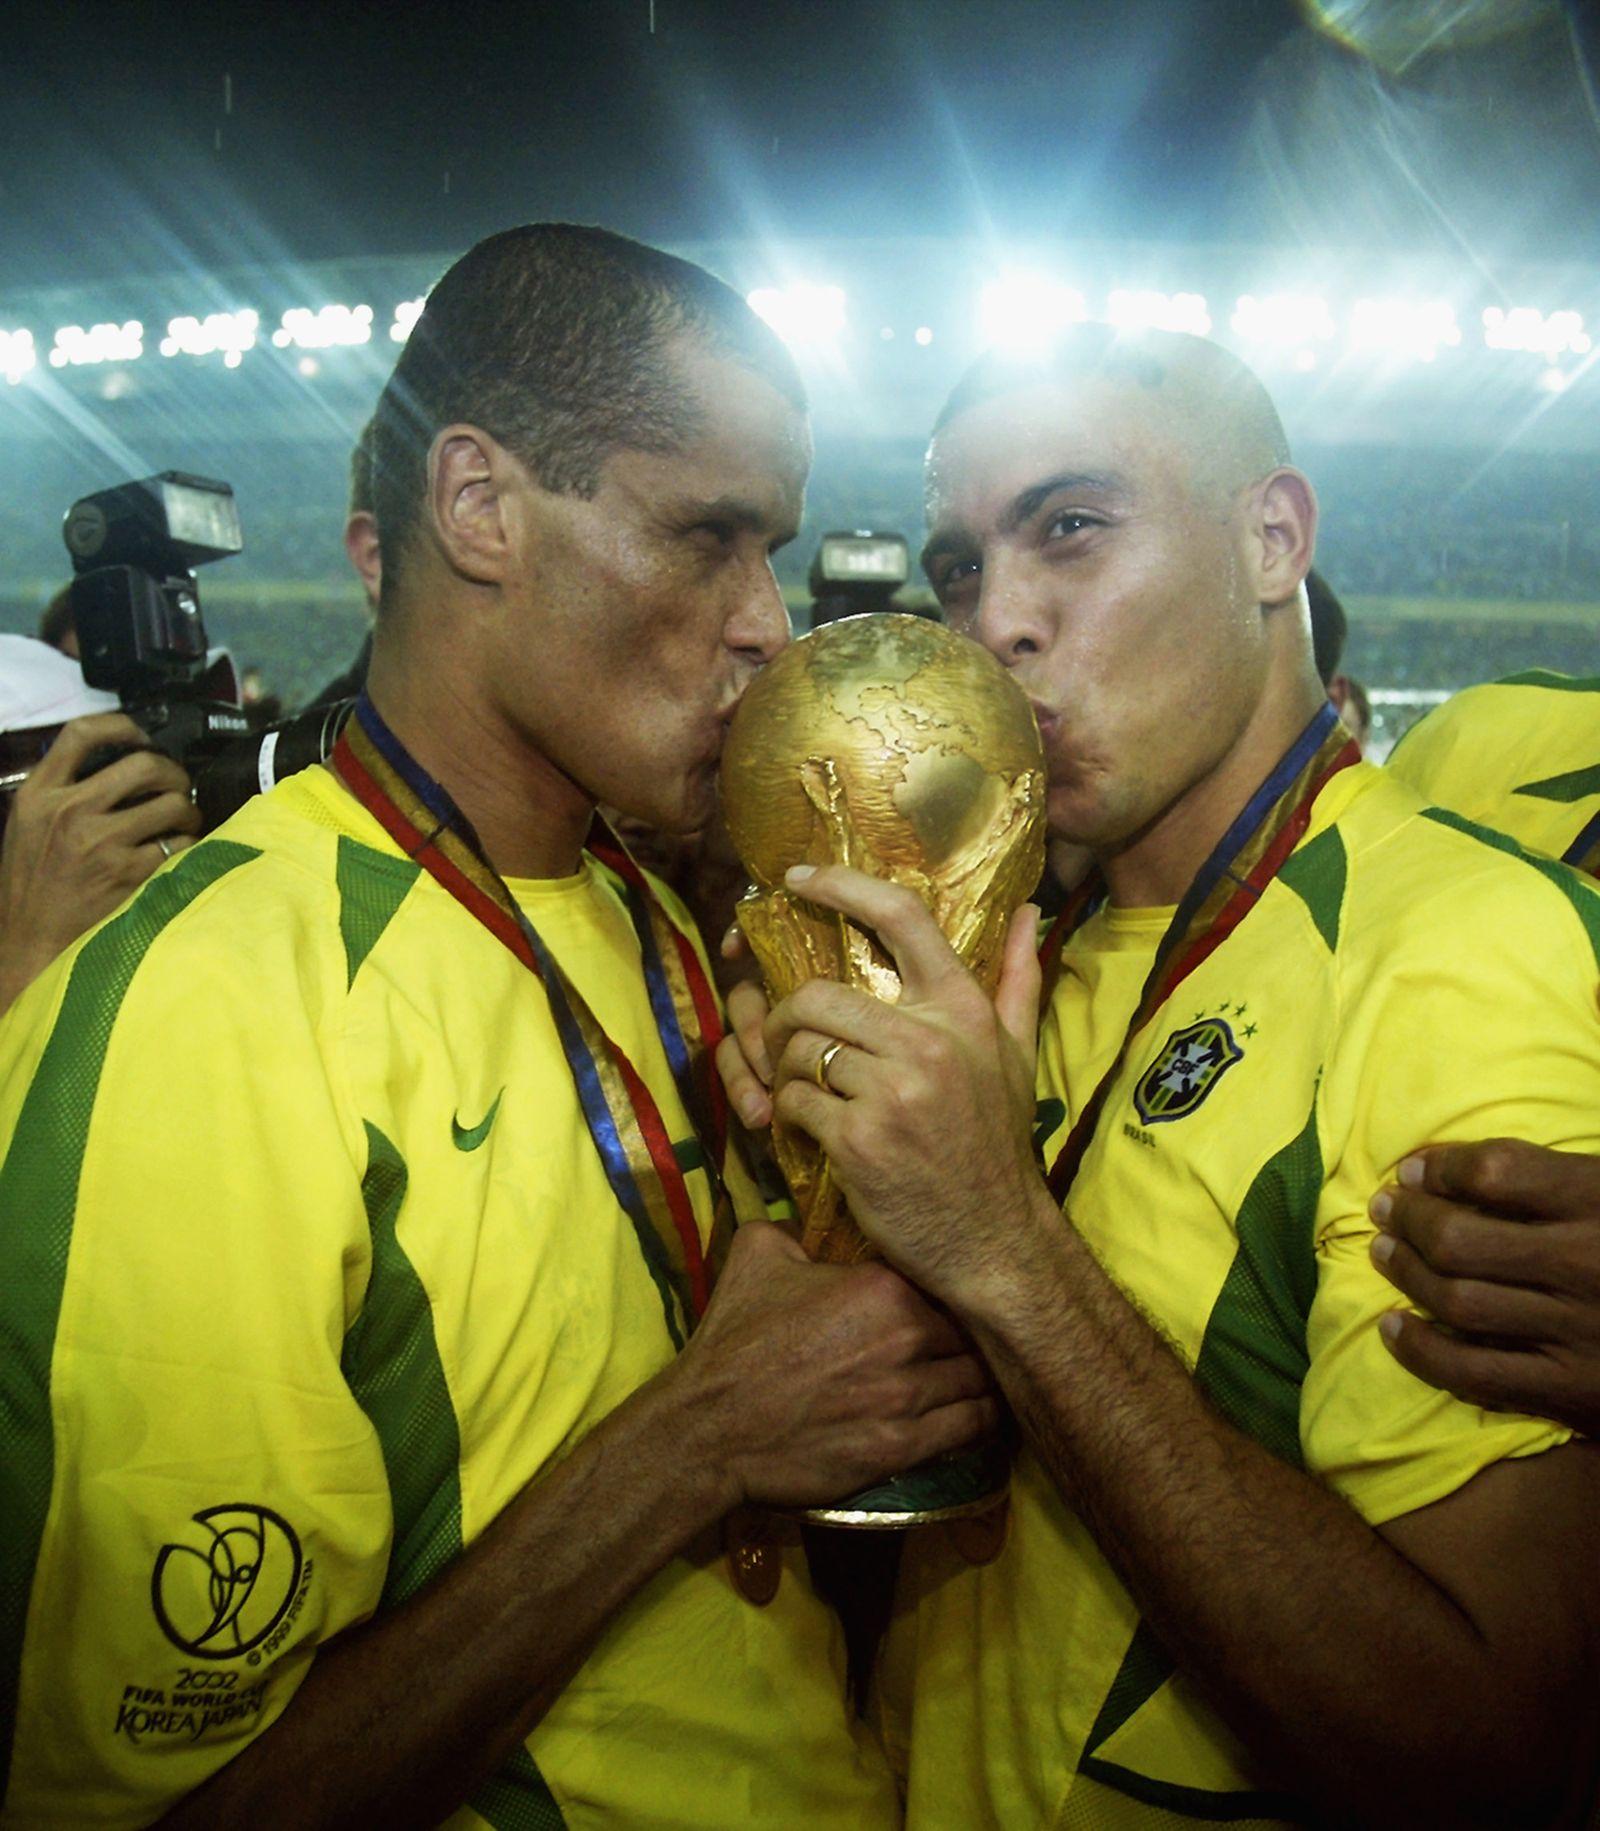 Quis / Reise / Rio / Ronaldo